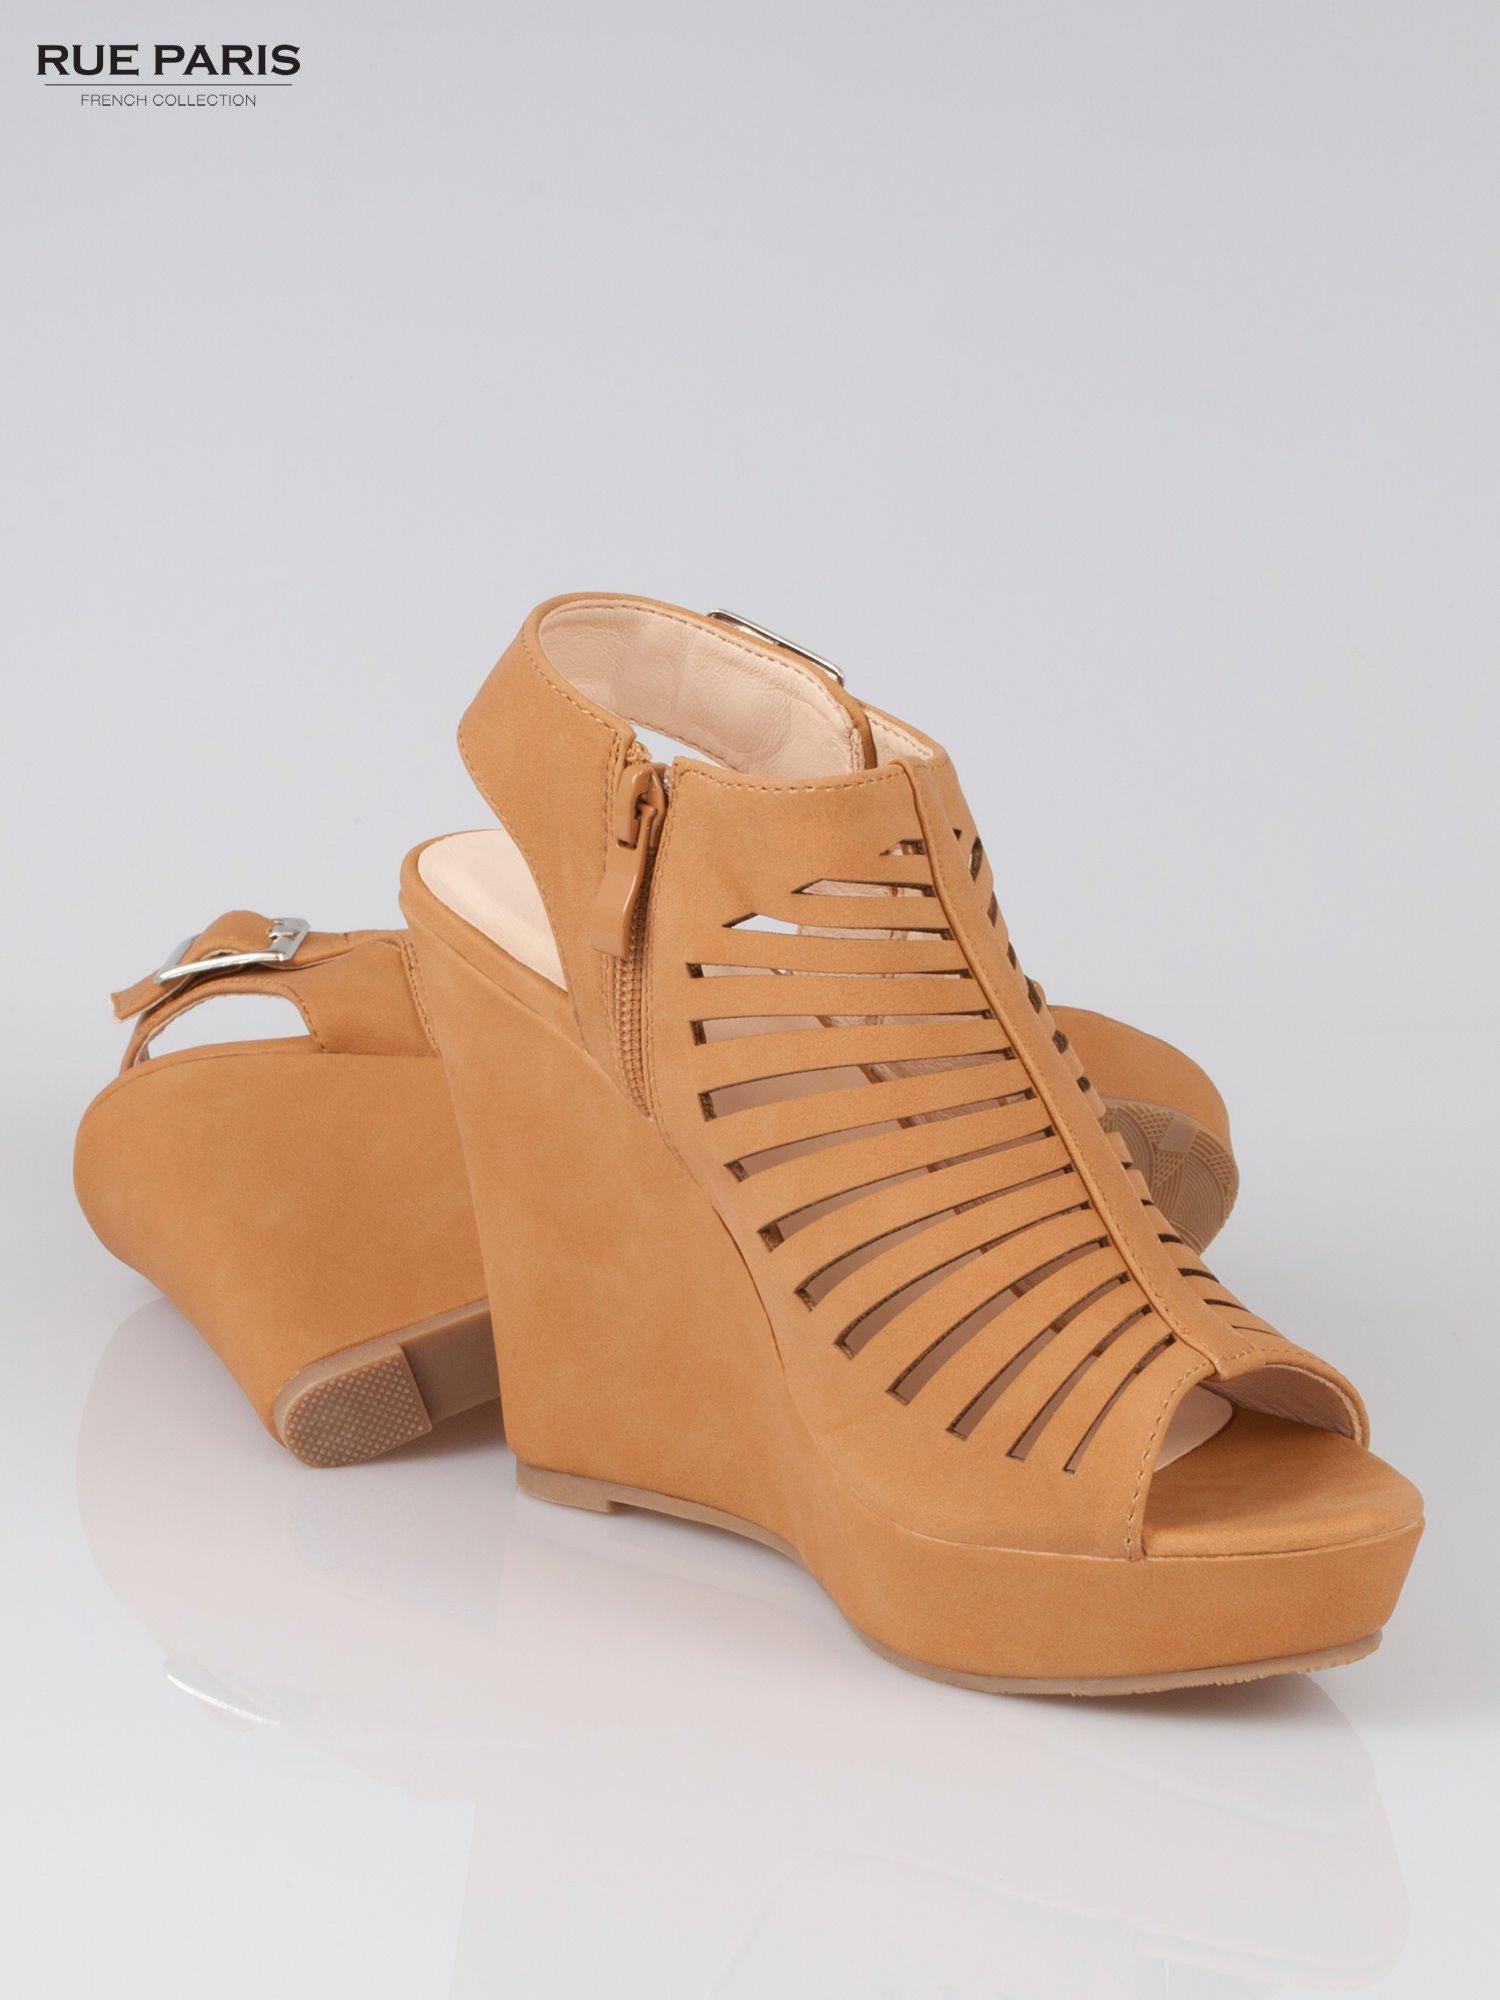 Karmelowe zamszowe sandały na koturnie Noelle                                  zdj.                                  4